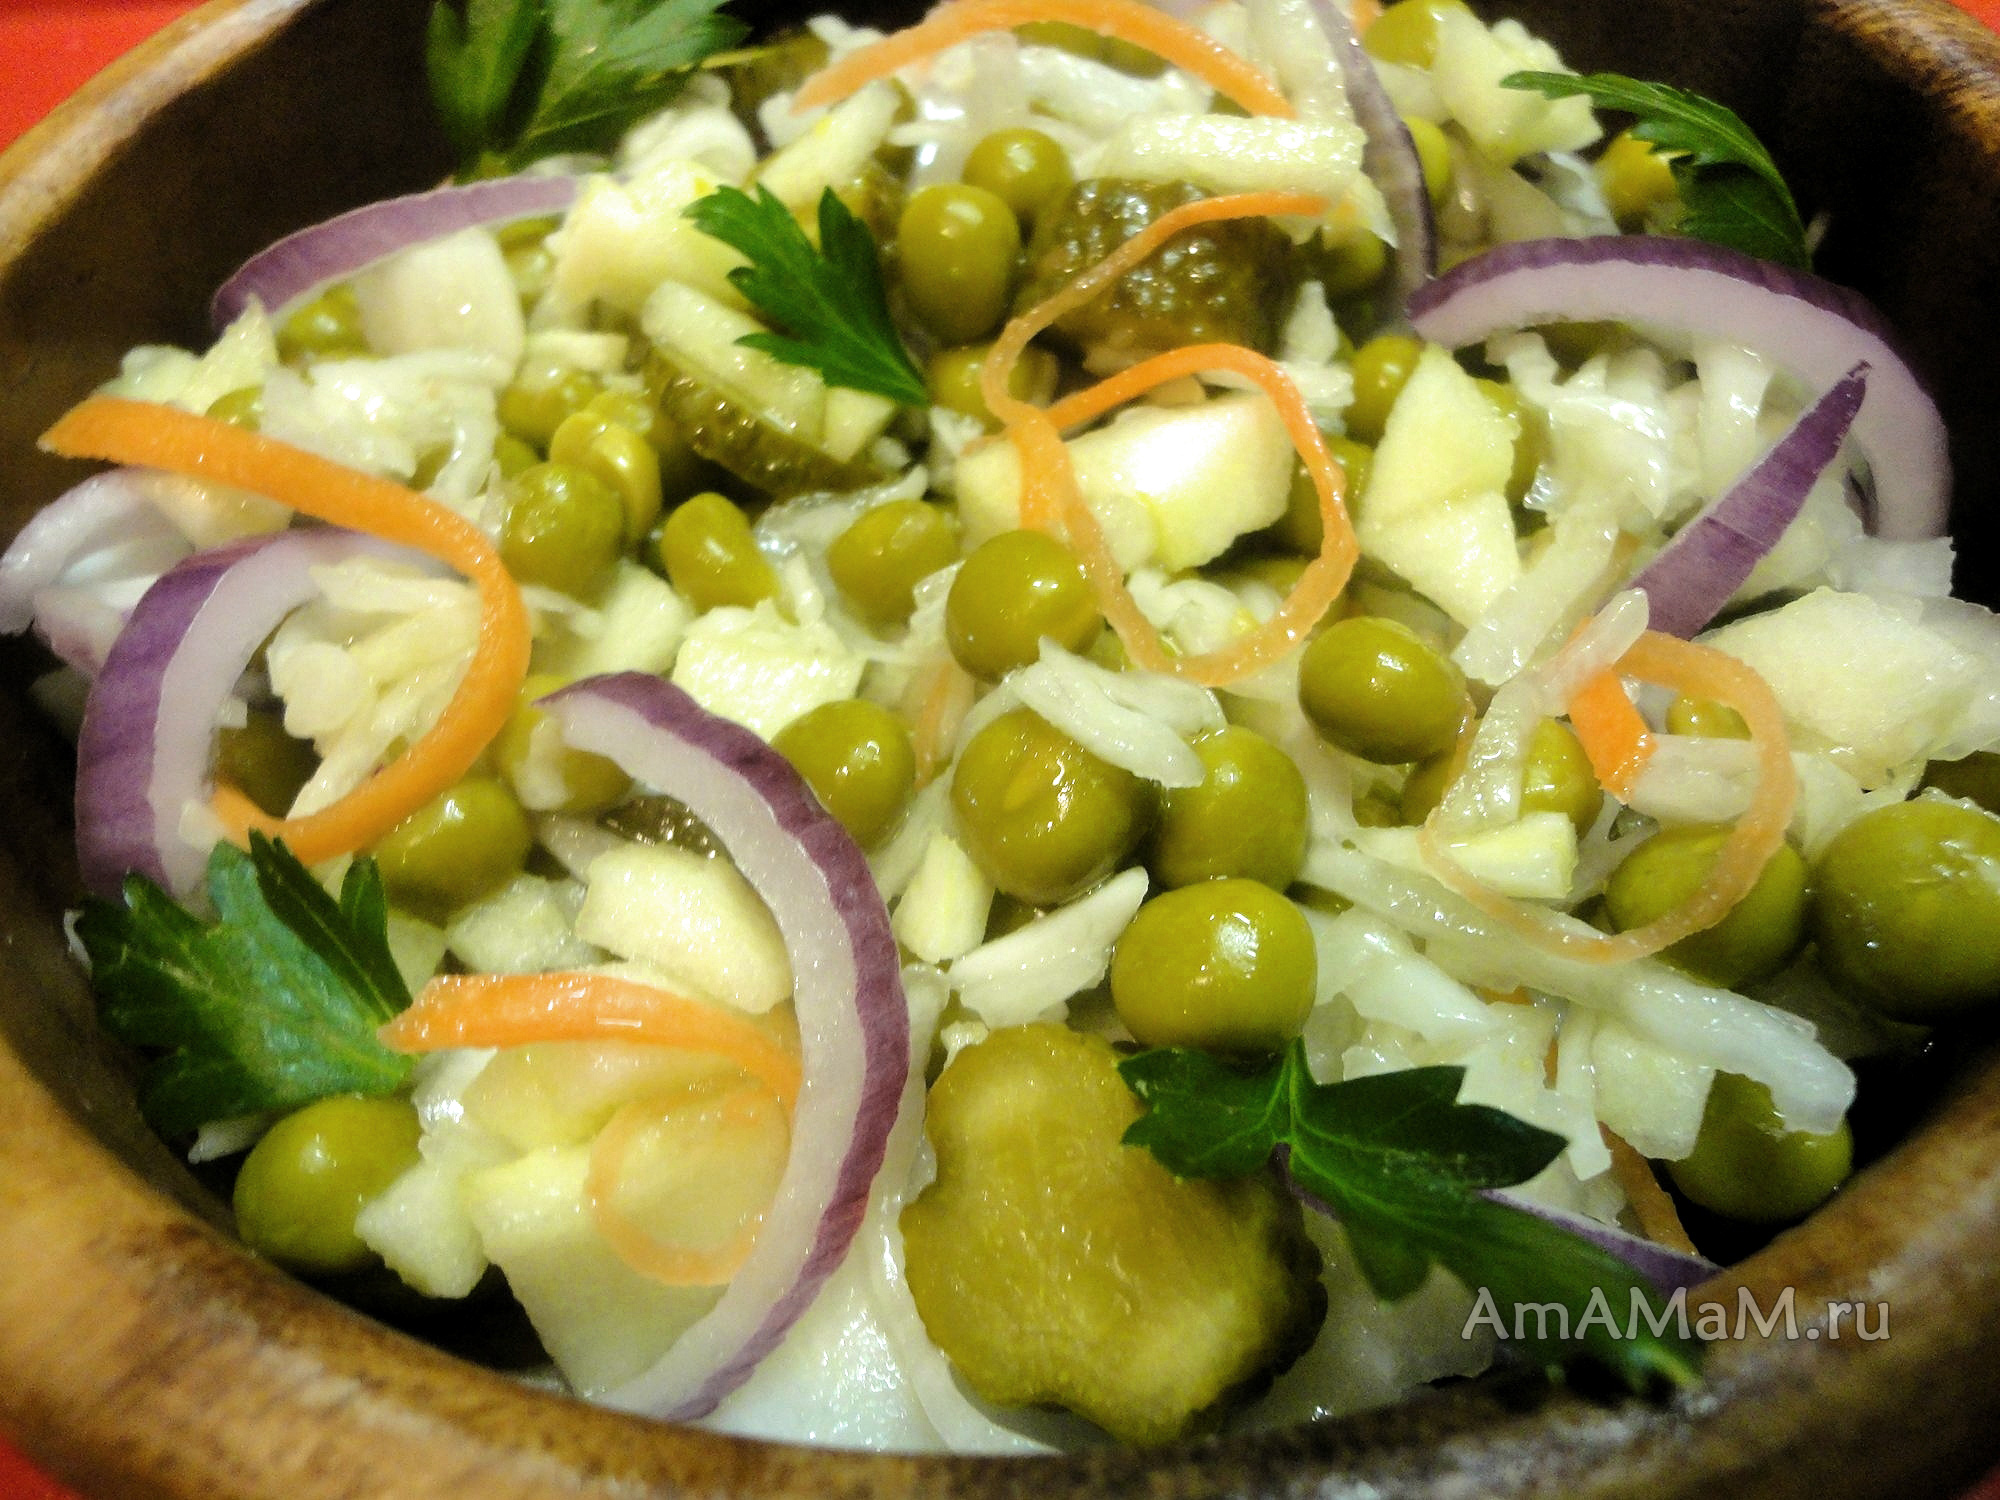 салат с капустой и с солеными огурцами рецепт